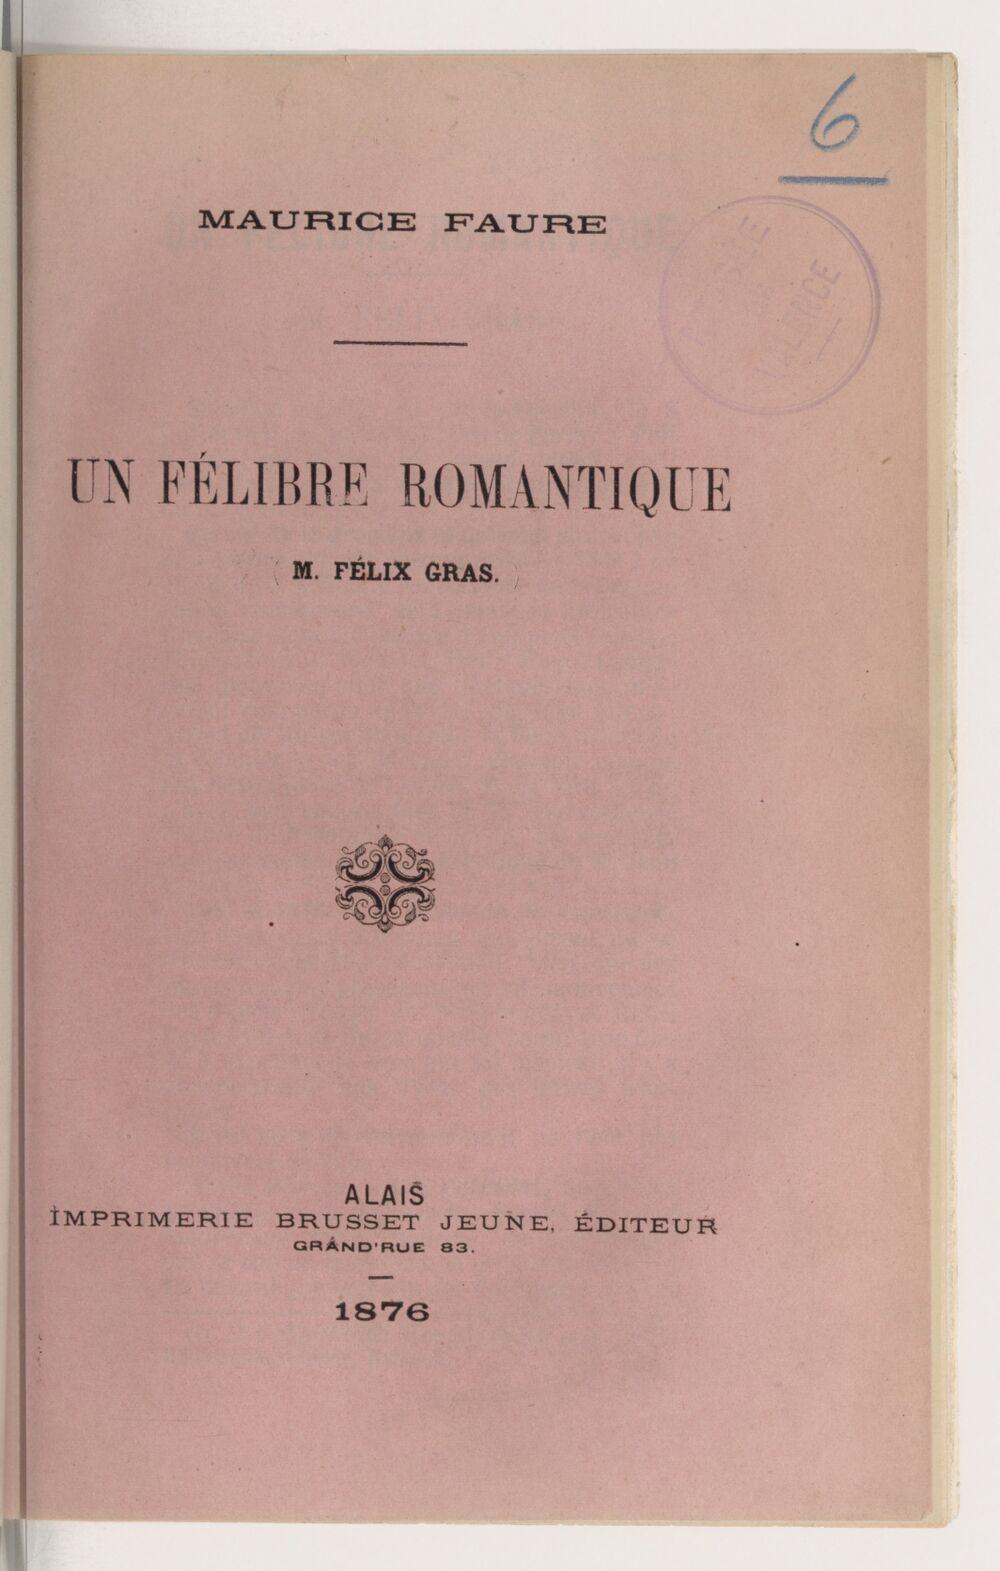 Un félibre romantique, M. Félix Gras / Maurice Faure